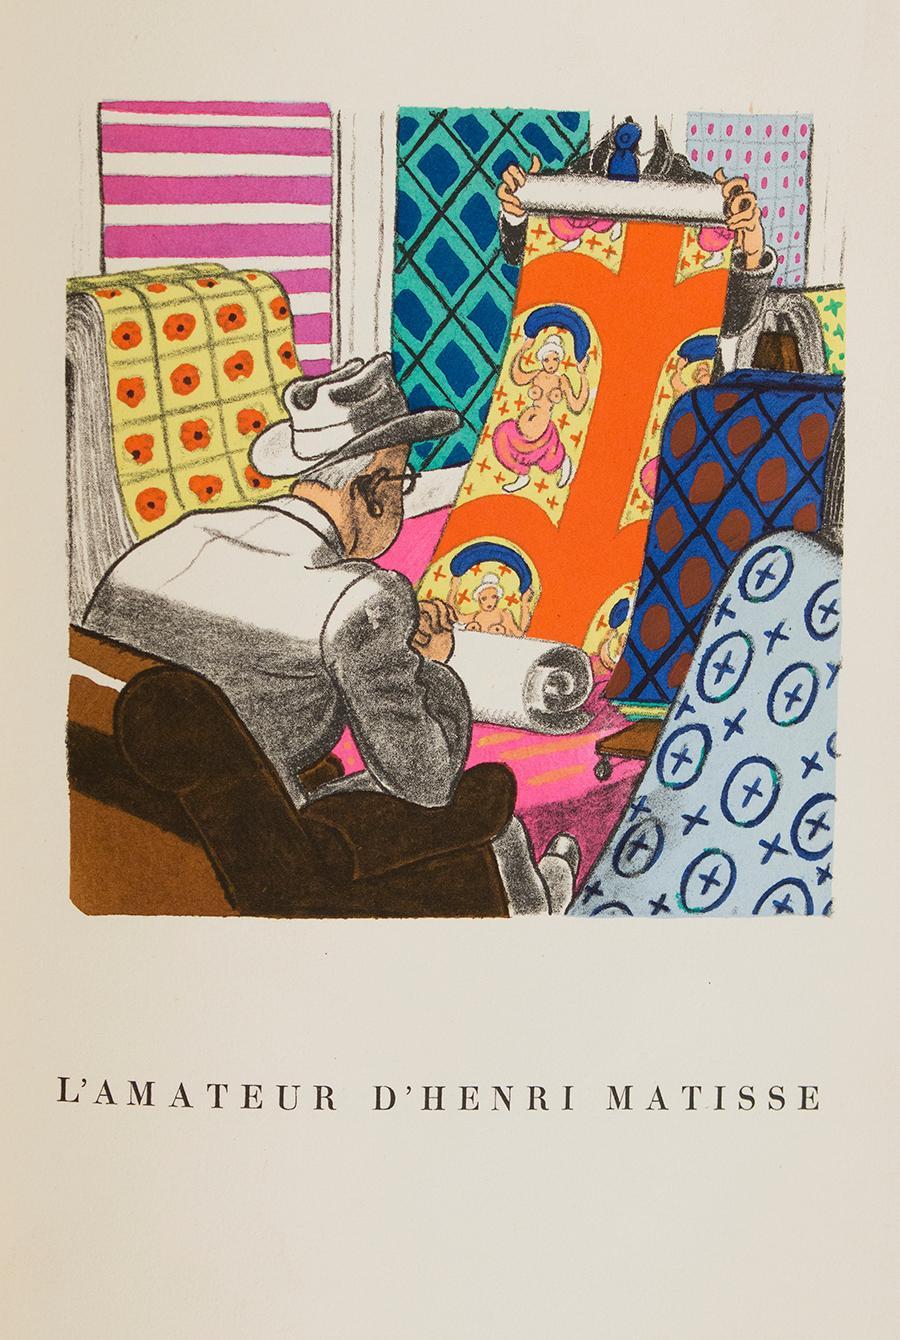 Hypothèses Sur Les Amateurs De Peinture a L'état Latent. Un Postulant et 16 Lithographies En Corollaire Bruller, Jean Fine Hardcover